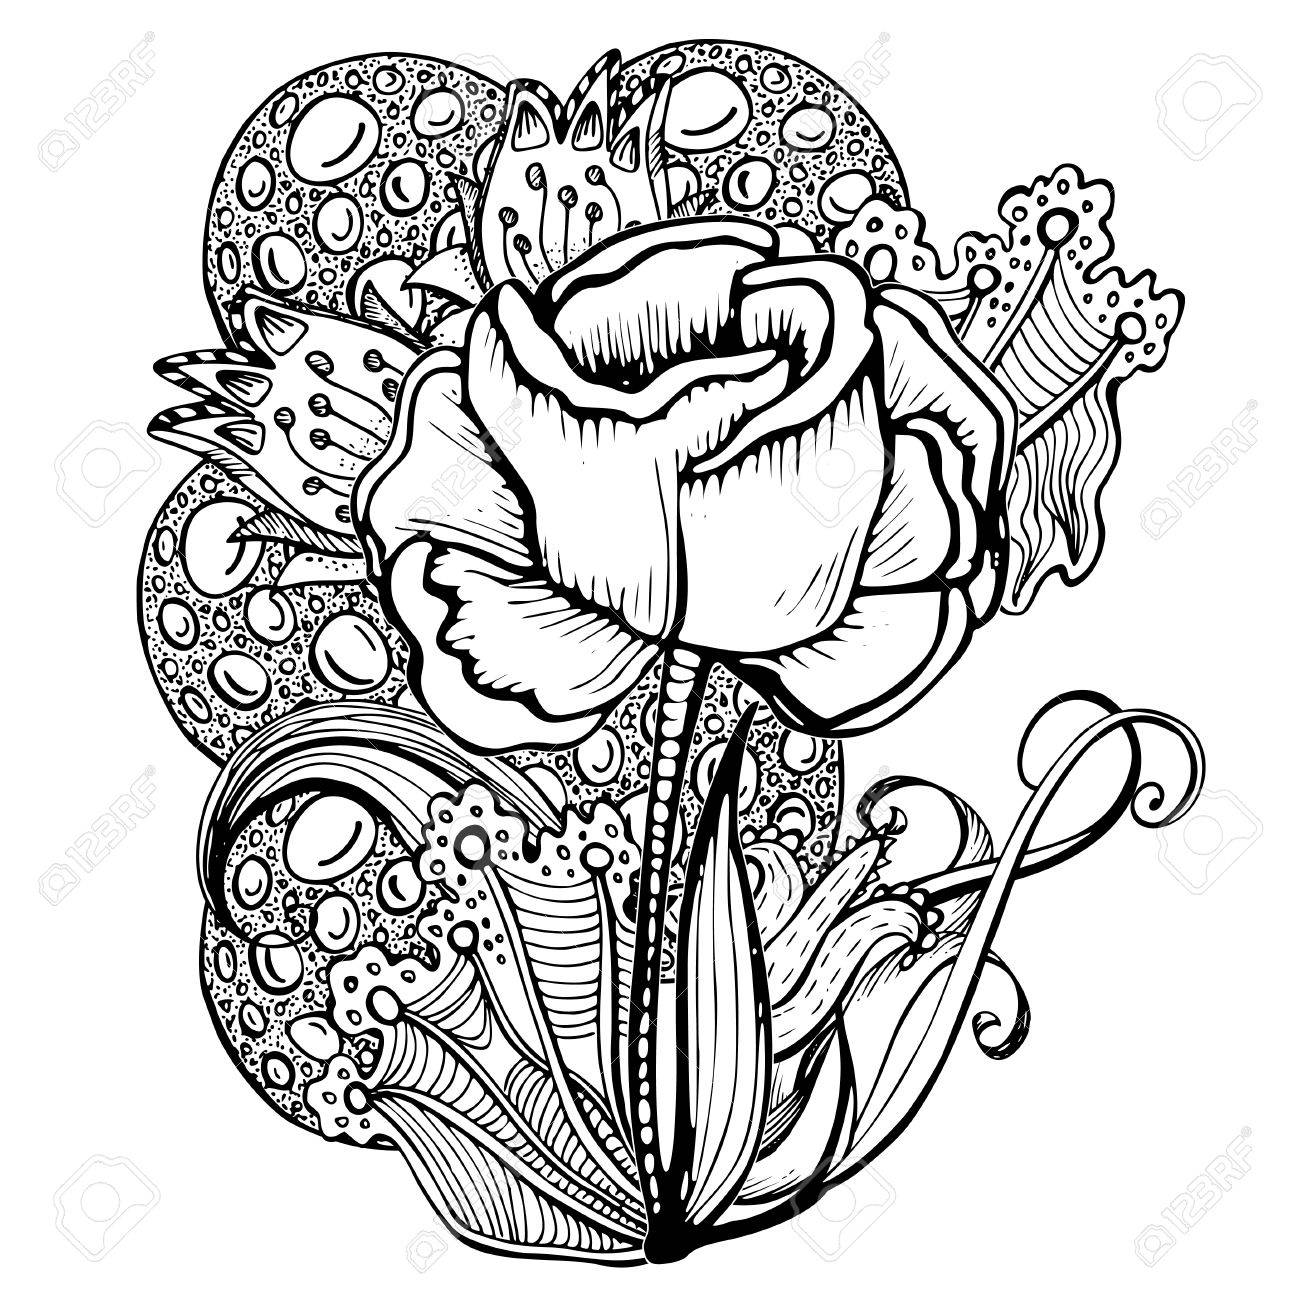 Encantador Rosa Para Colorear Elaboración - Enmarcado Para Colorear ...